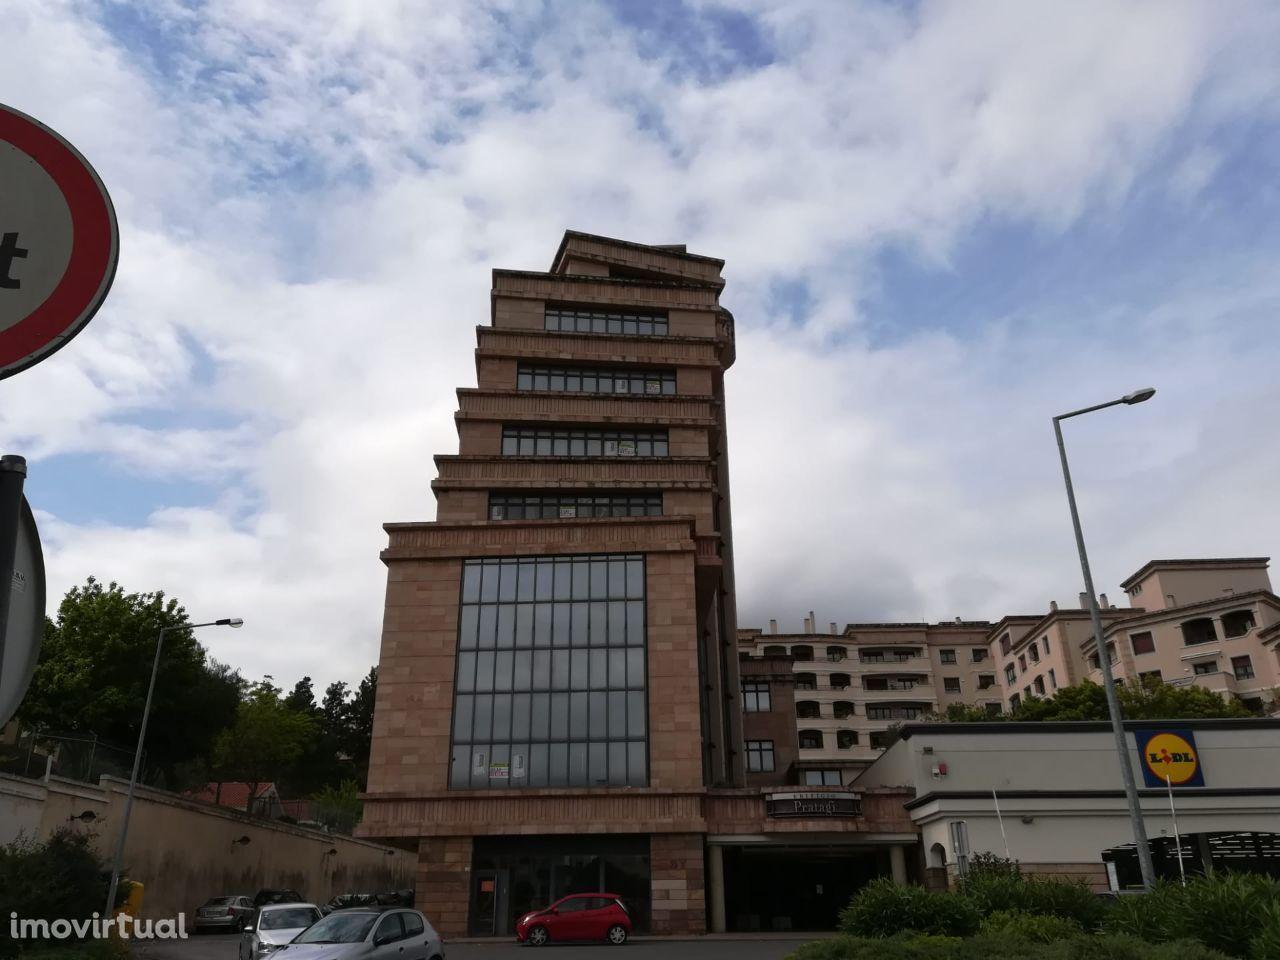 LCE1799 - Escritório para venda, em Vila Franca de Xira